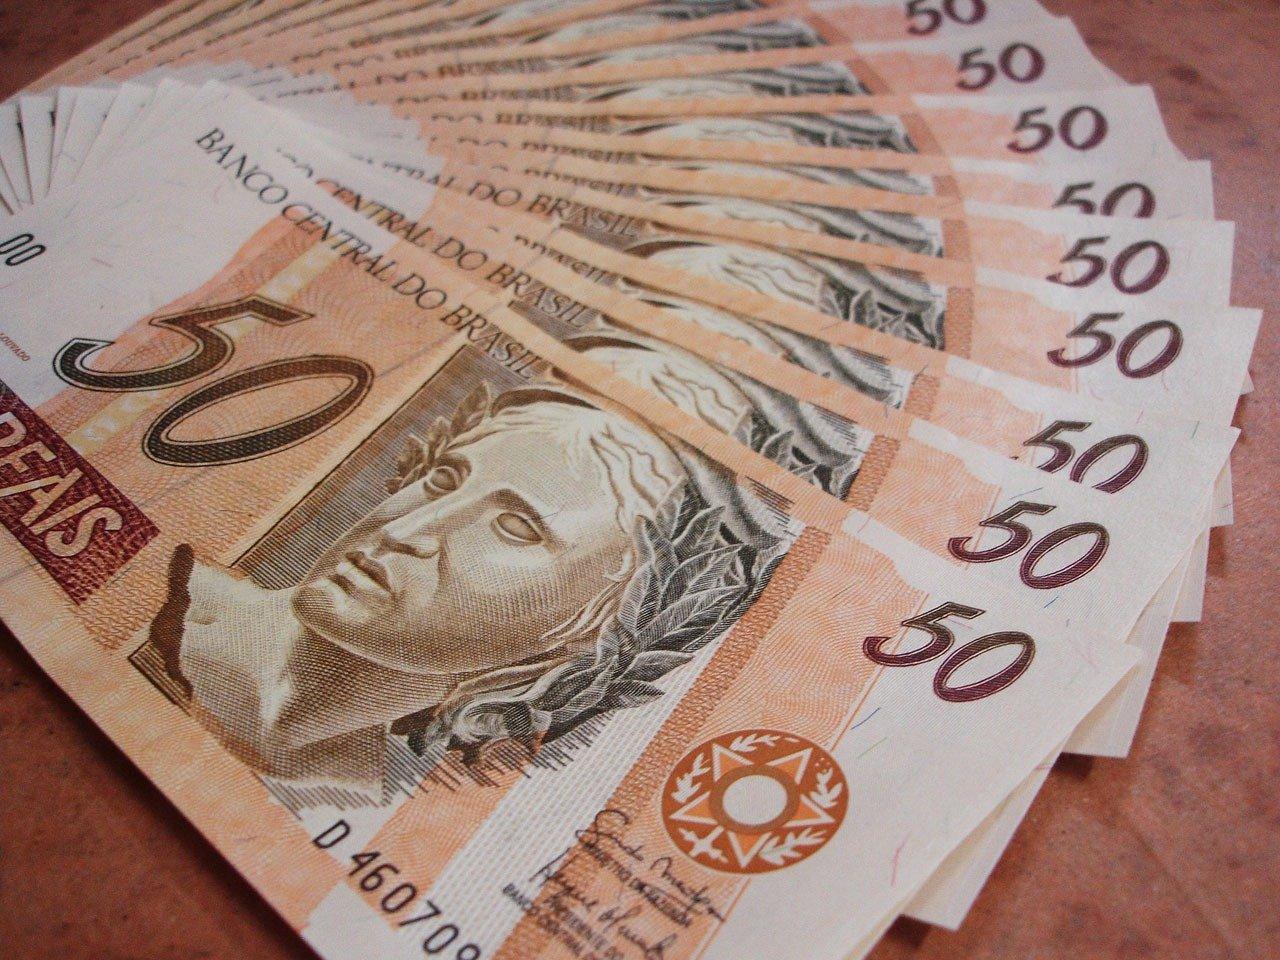 Notas de R$ 50. Como usar o 13º salário .